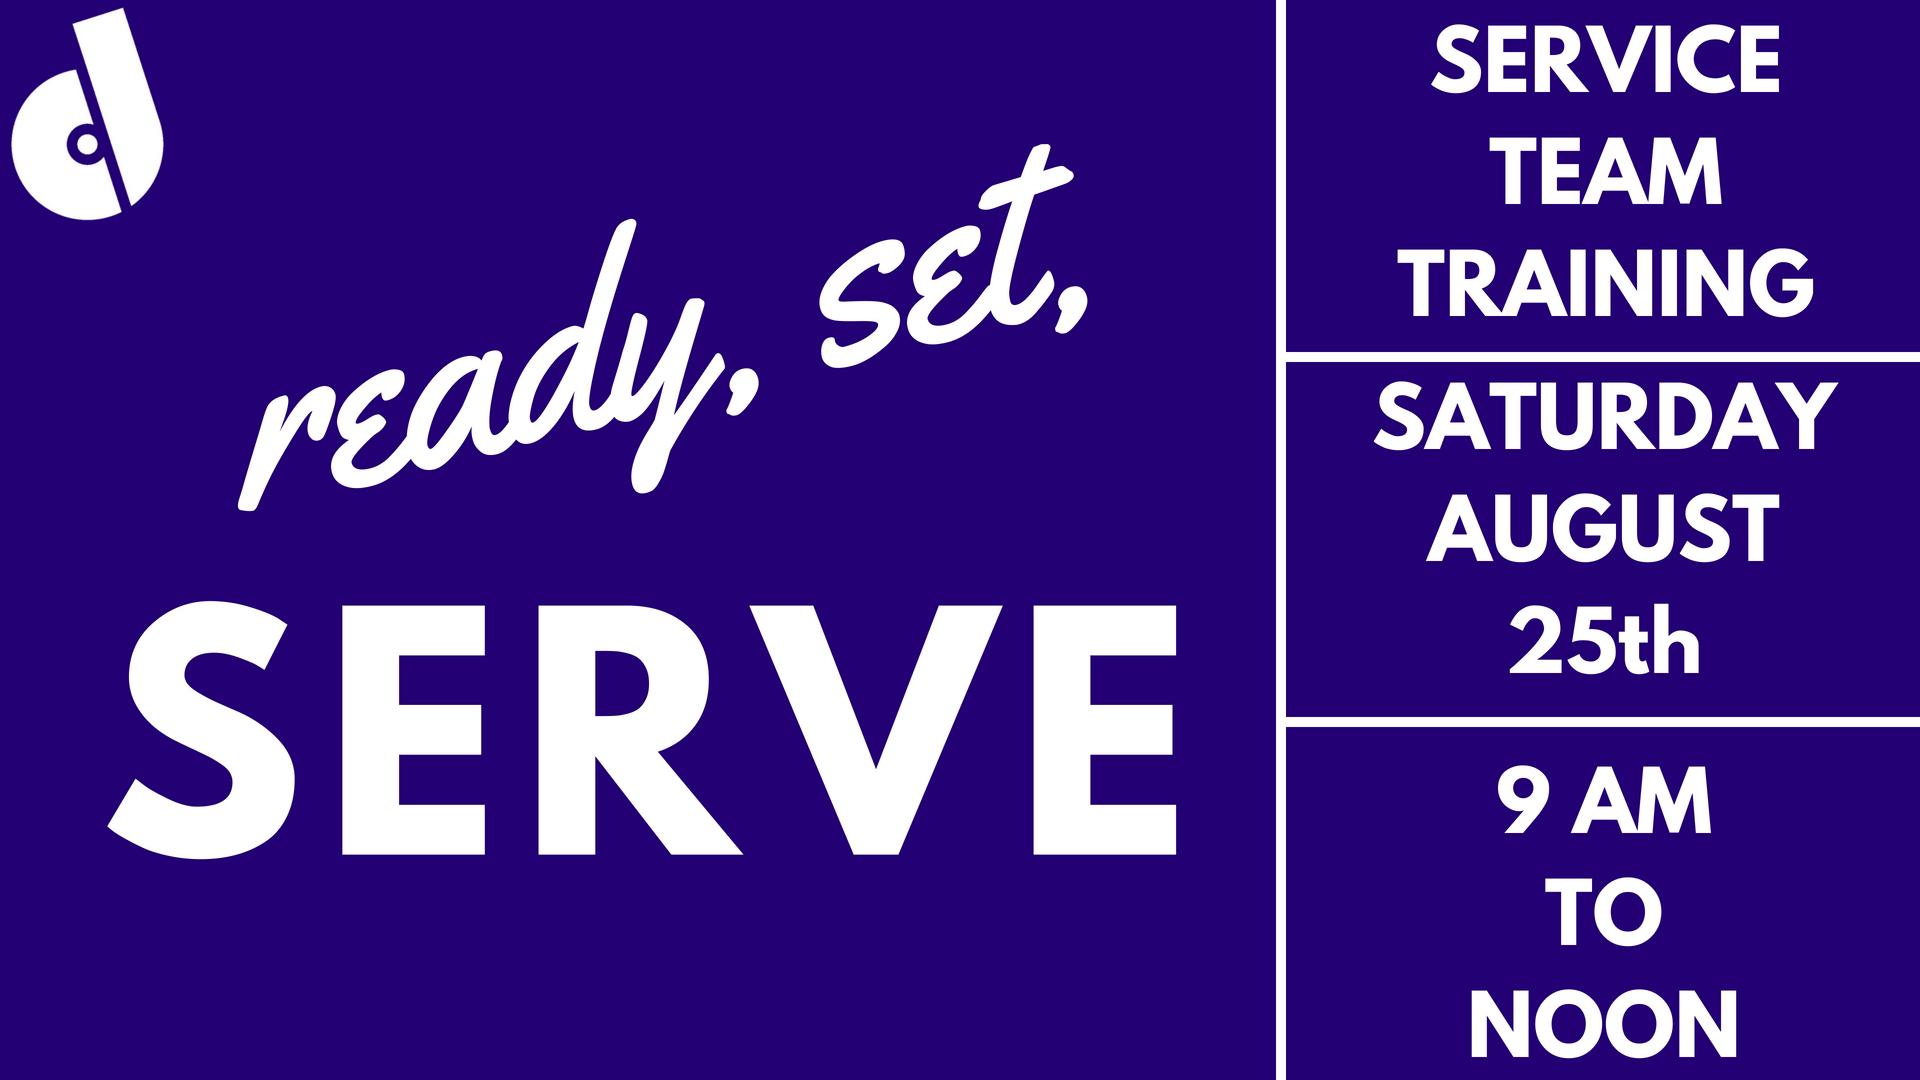 Ready  set  serve